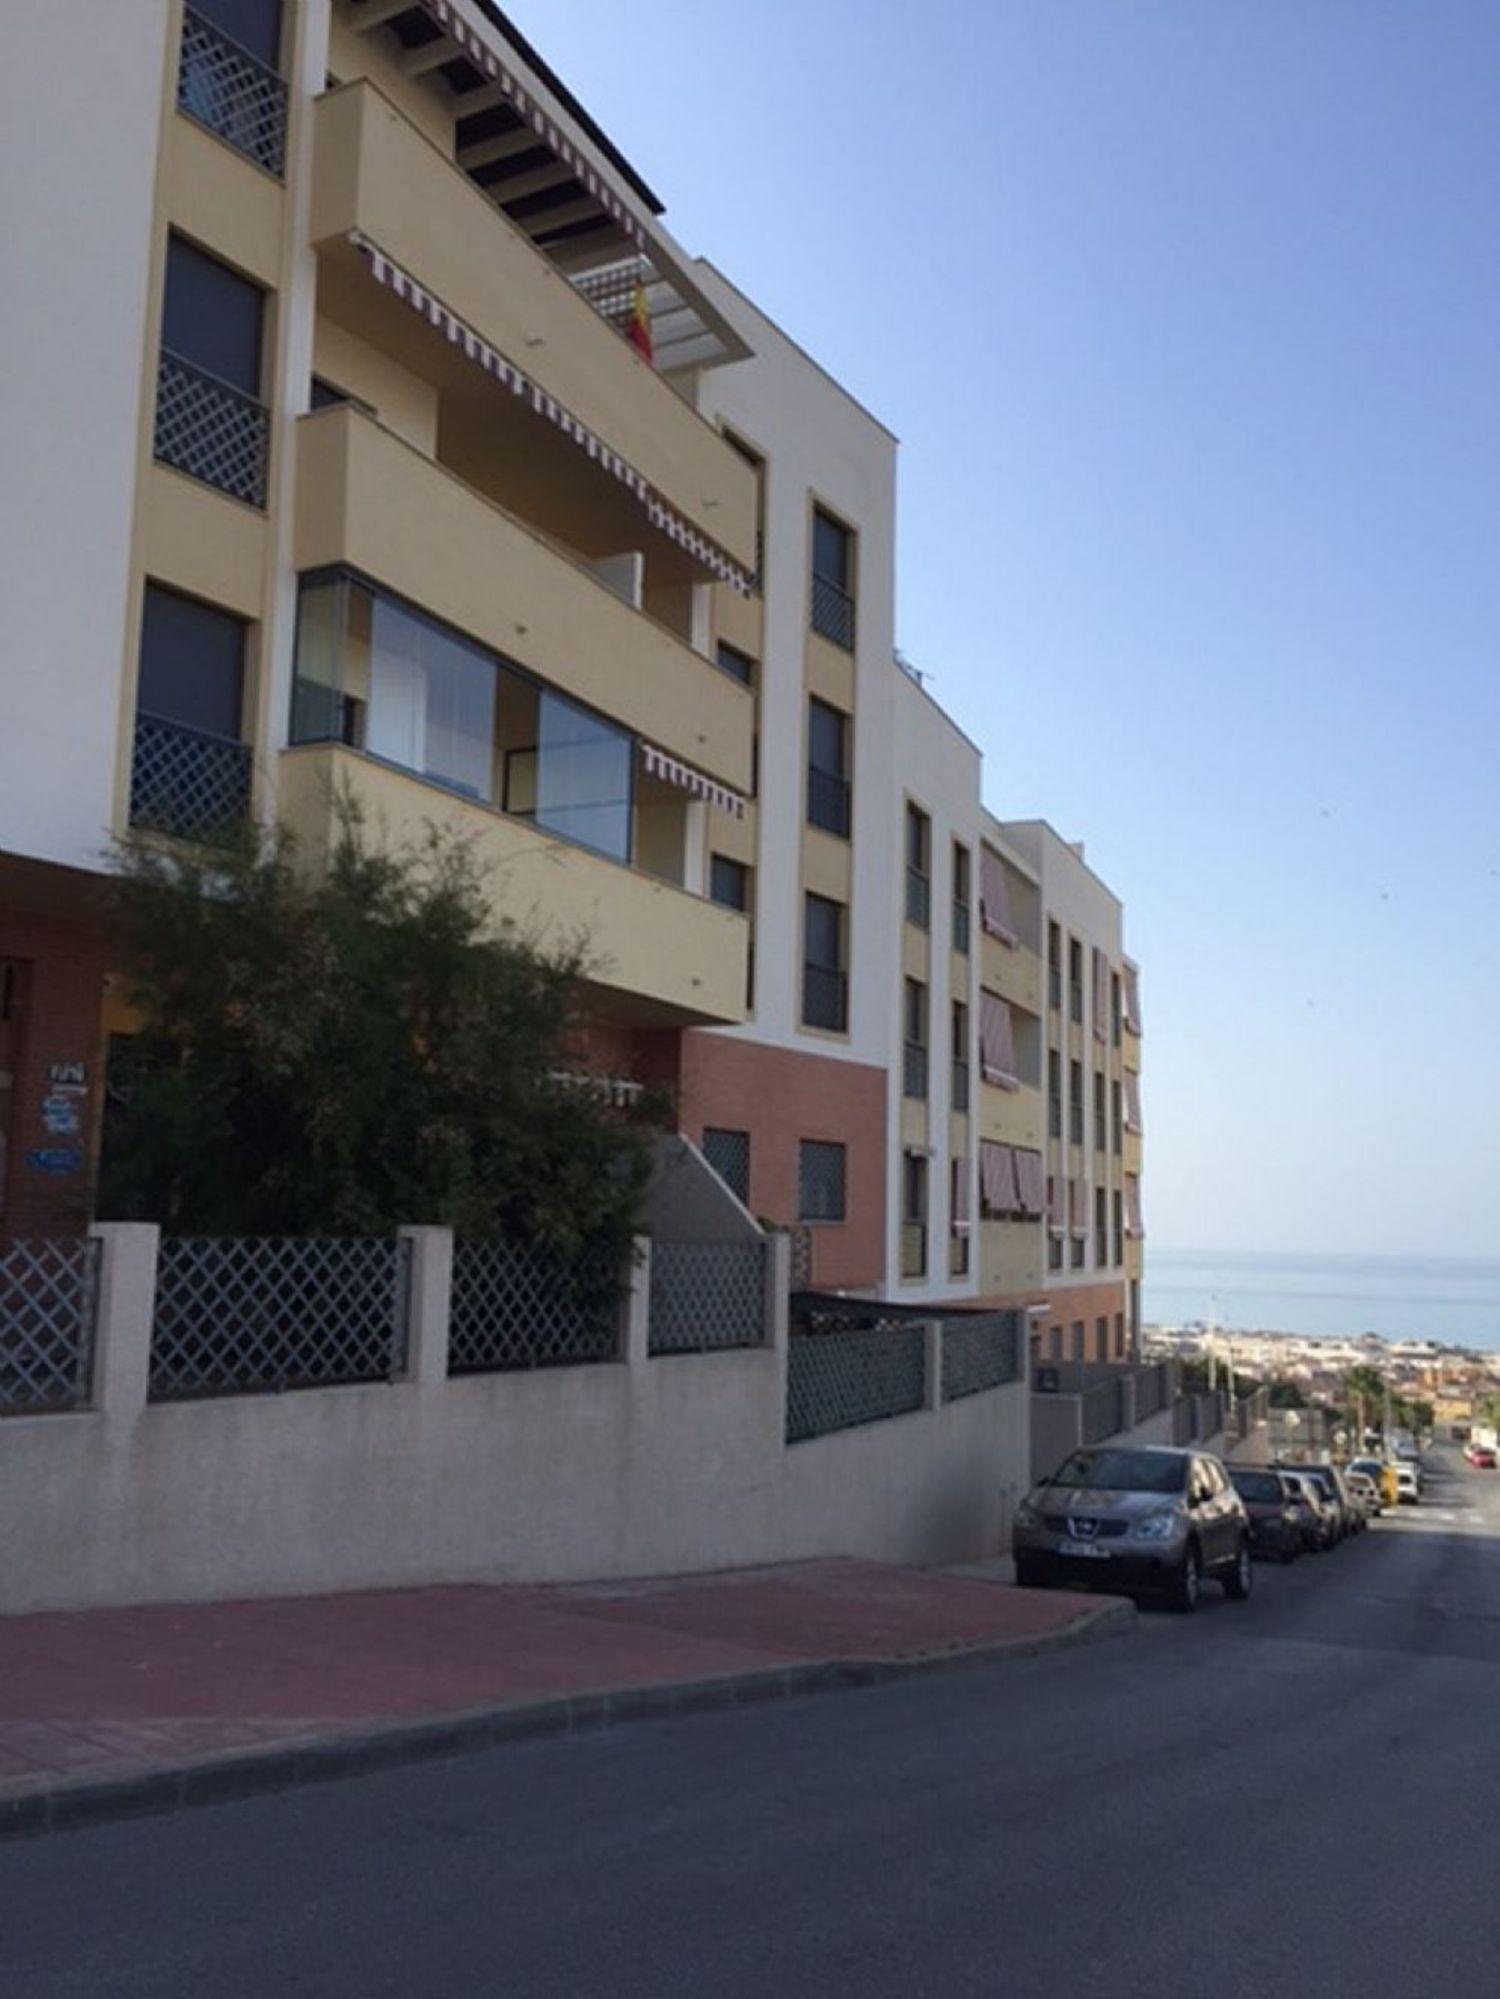 Venta de casas y pisos en Rincón de la Victoria Málaga